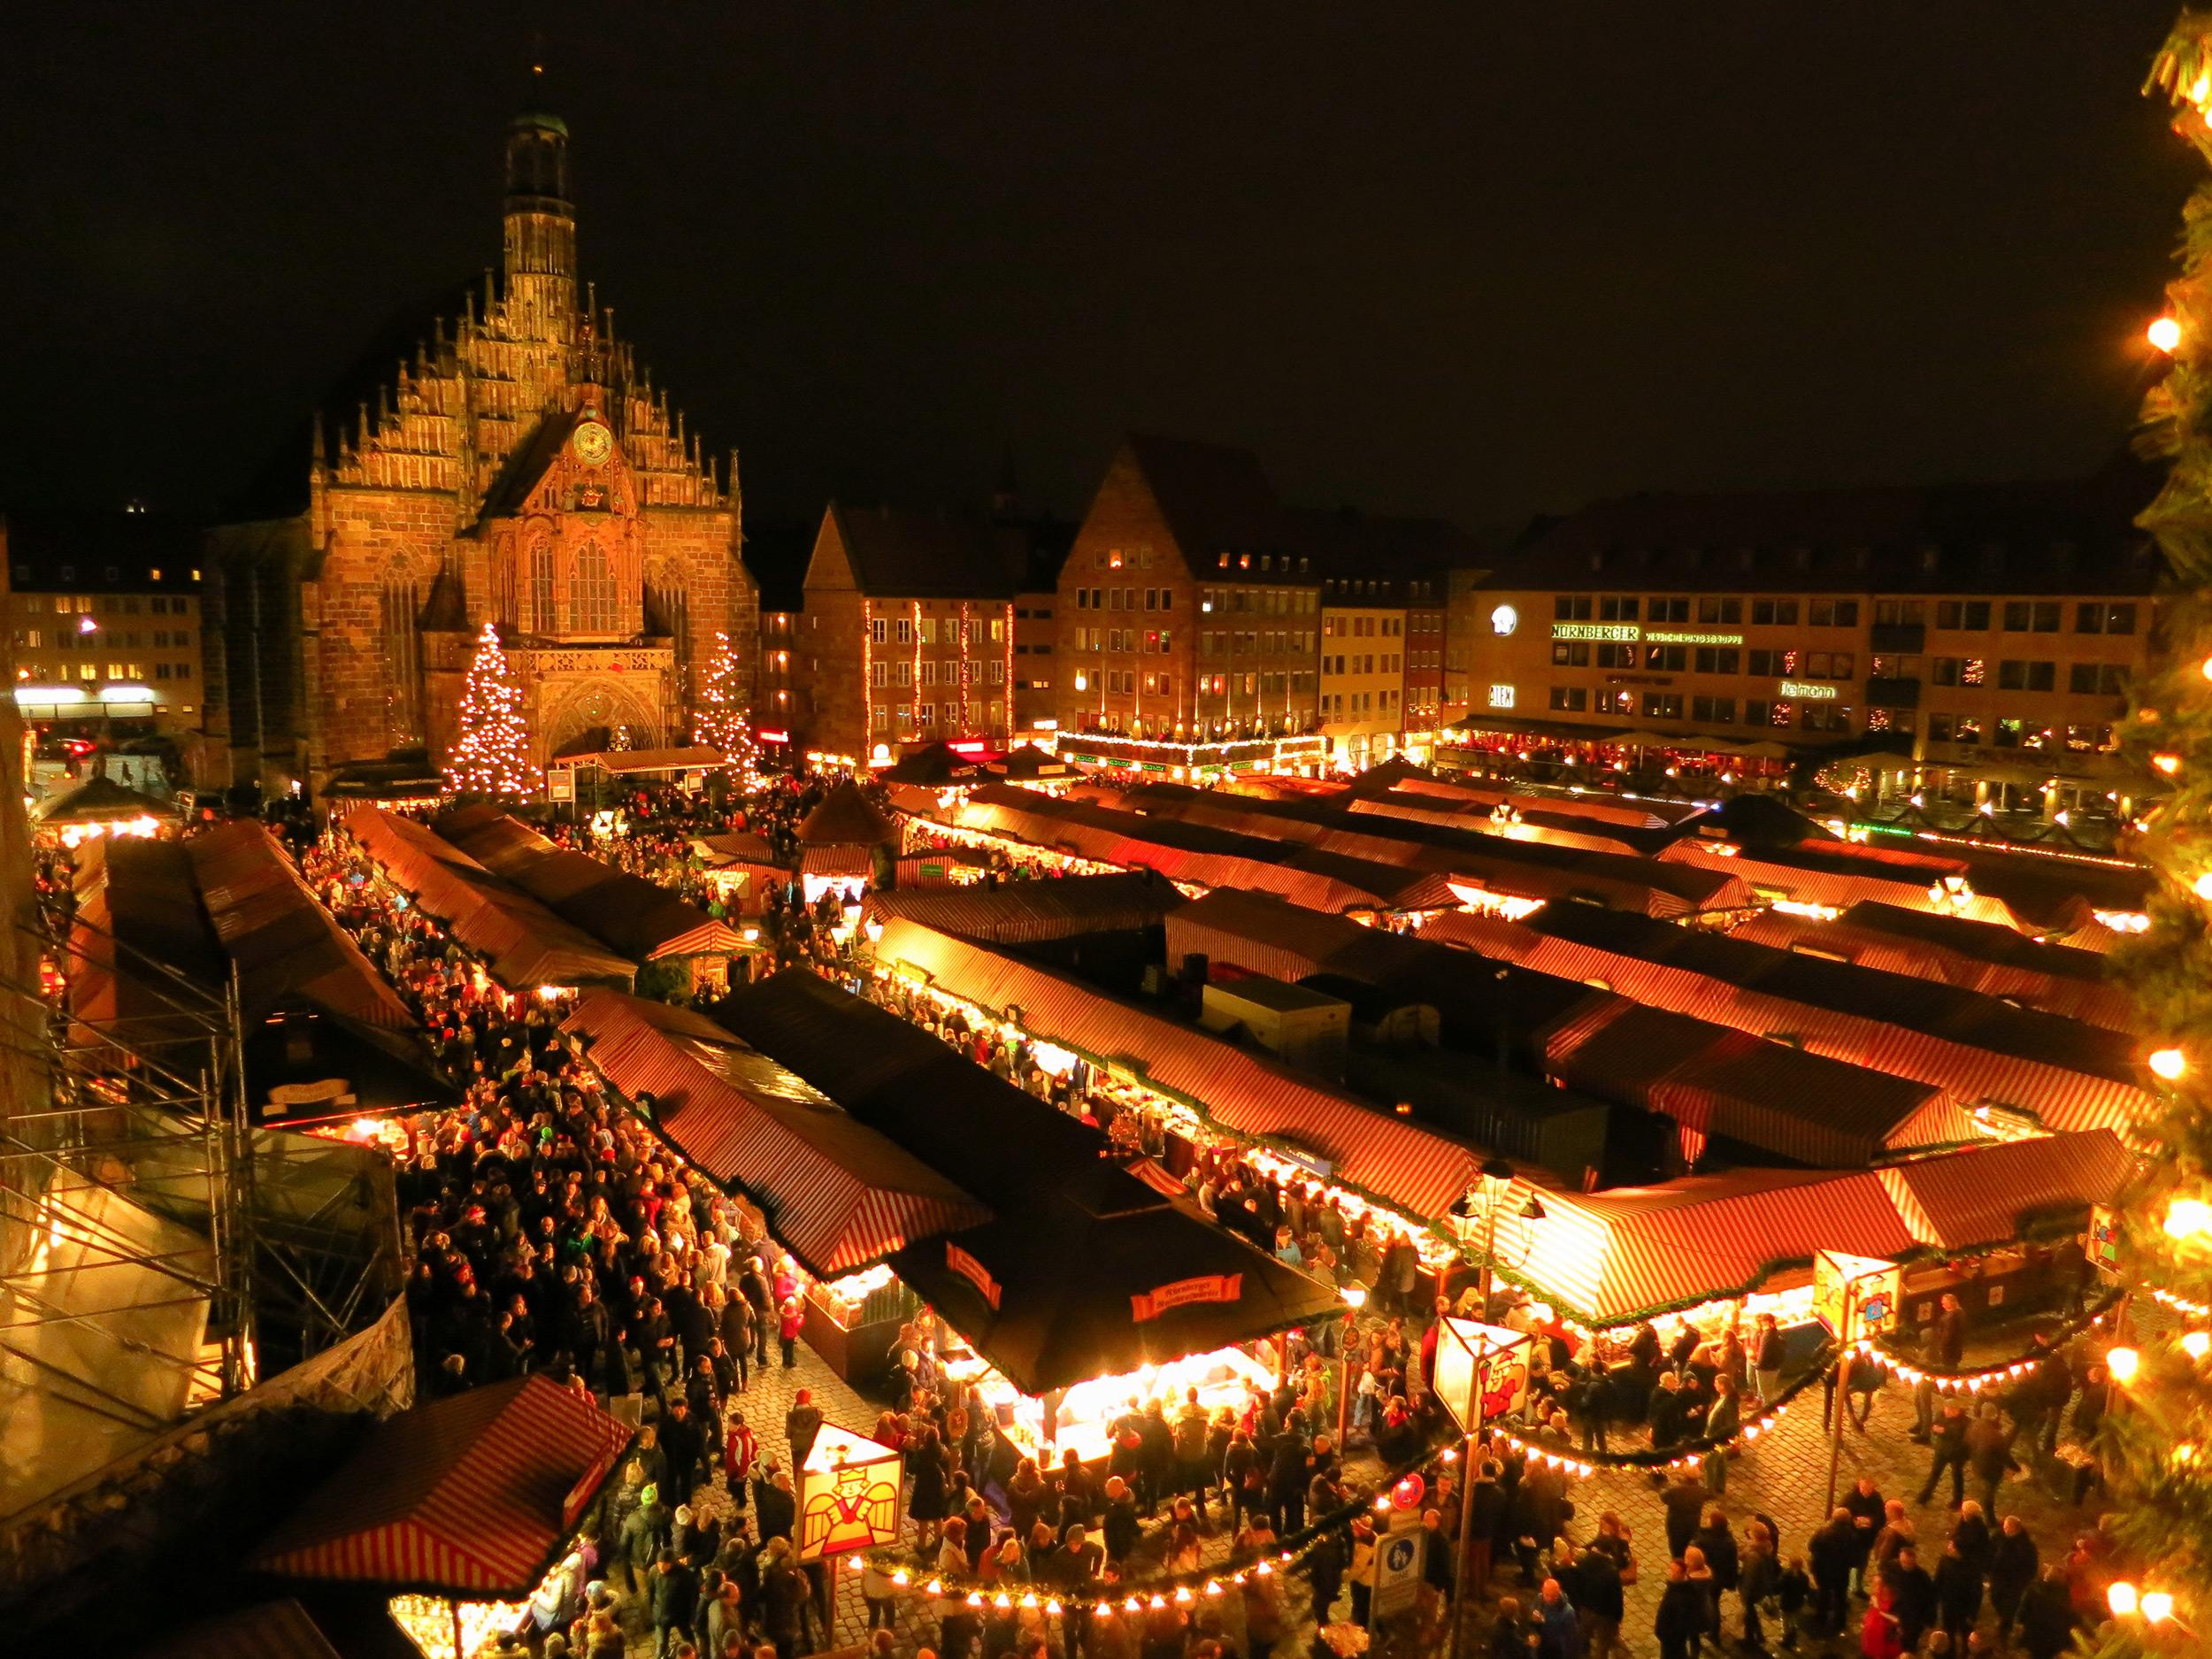 Weihnachtsmarkt Nürnberg.Auf Dem Nürnberger Christkindlesmarkt 2 Tage Im Top 4 Hotel Mit